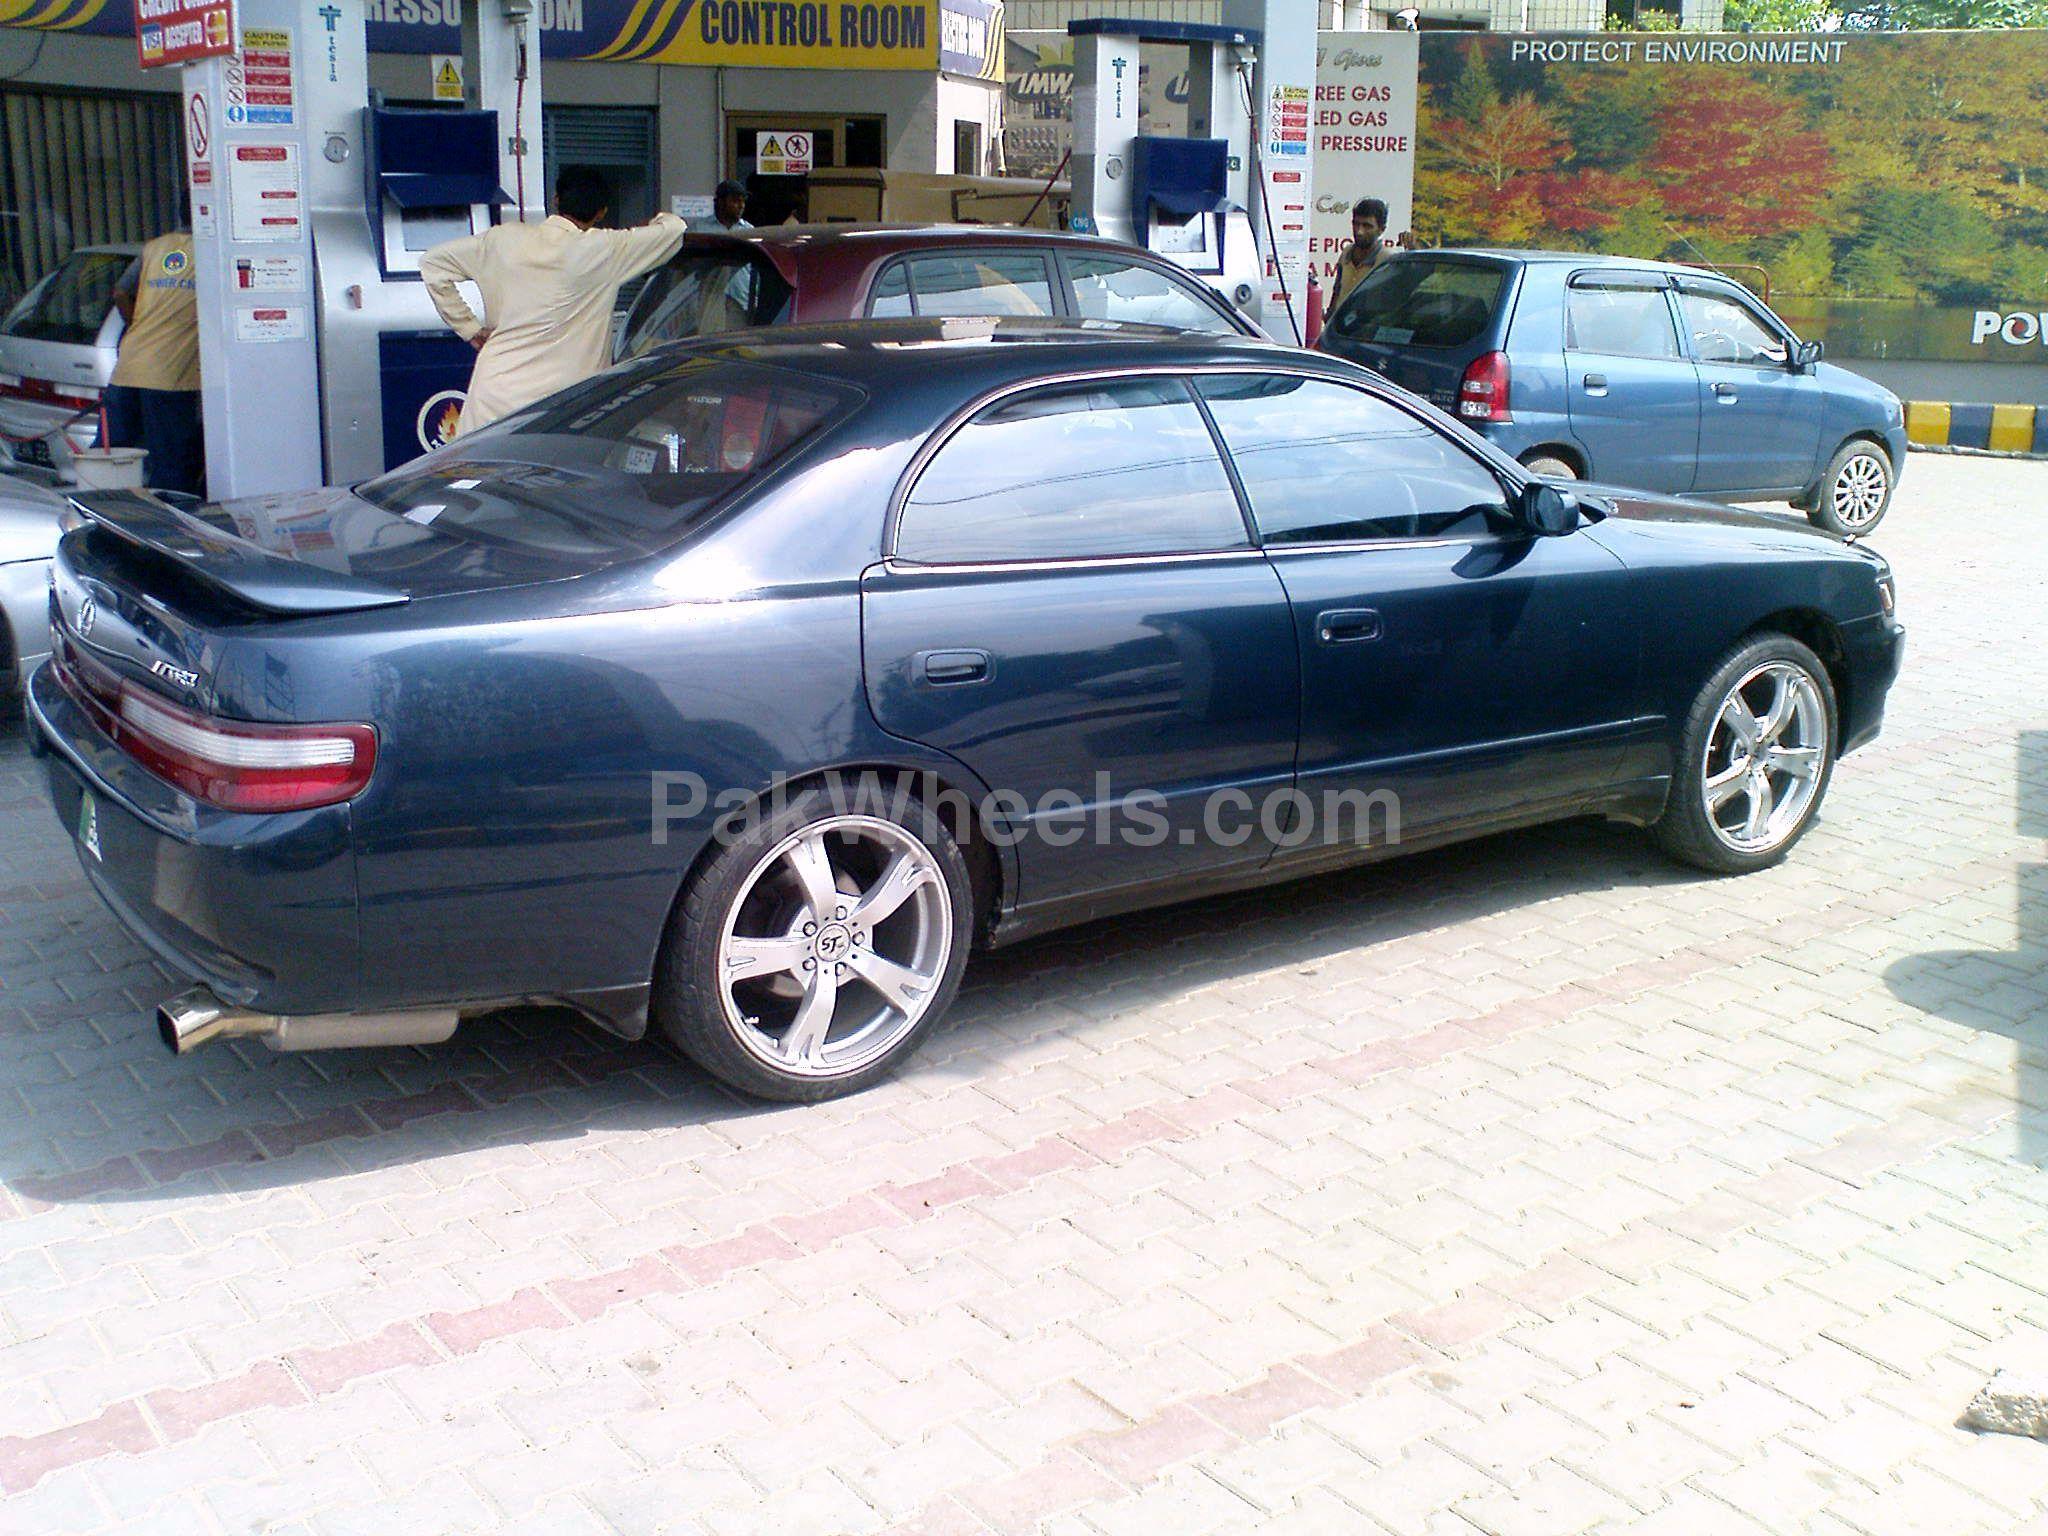 Toyota Chaser - 1996 Drift King Image-1